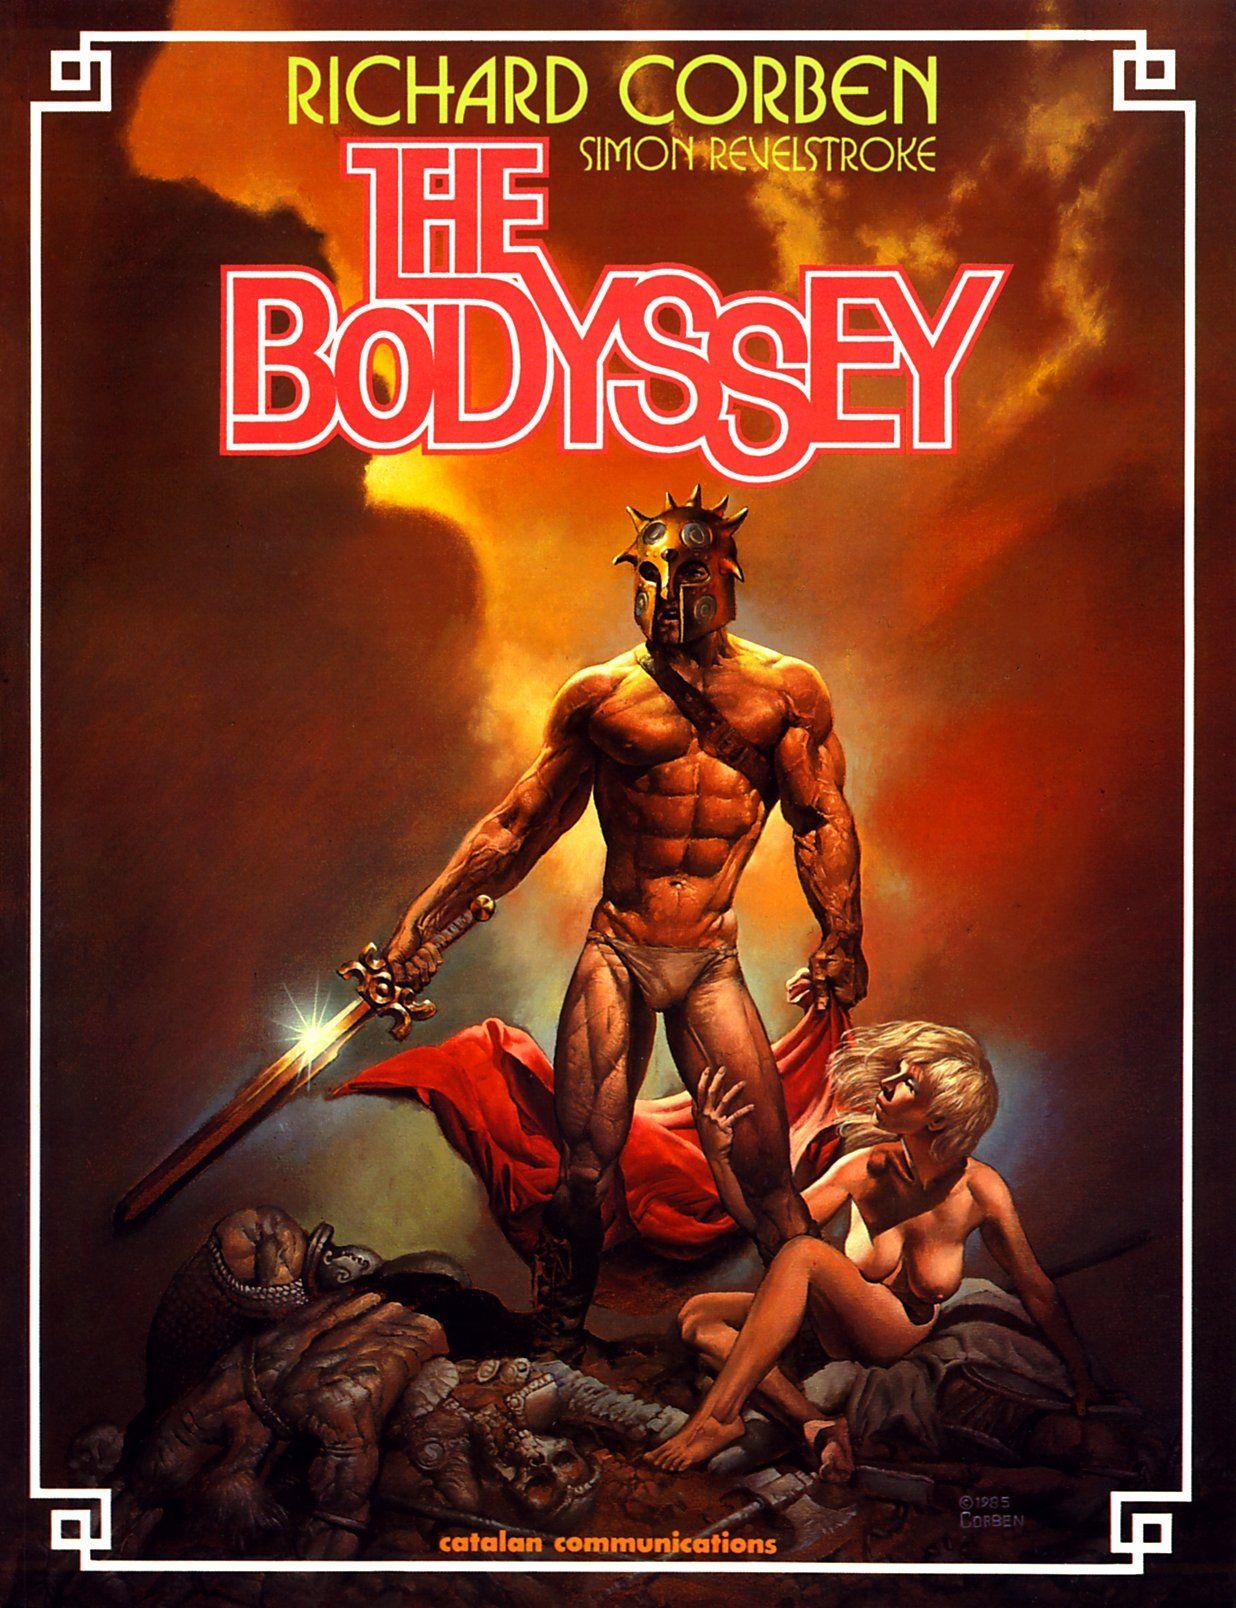 The Bodyssey - Cover: Richard Corben